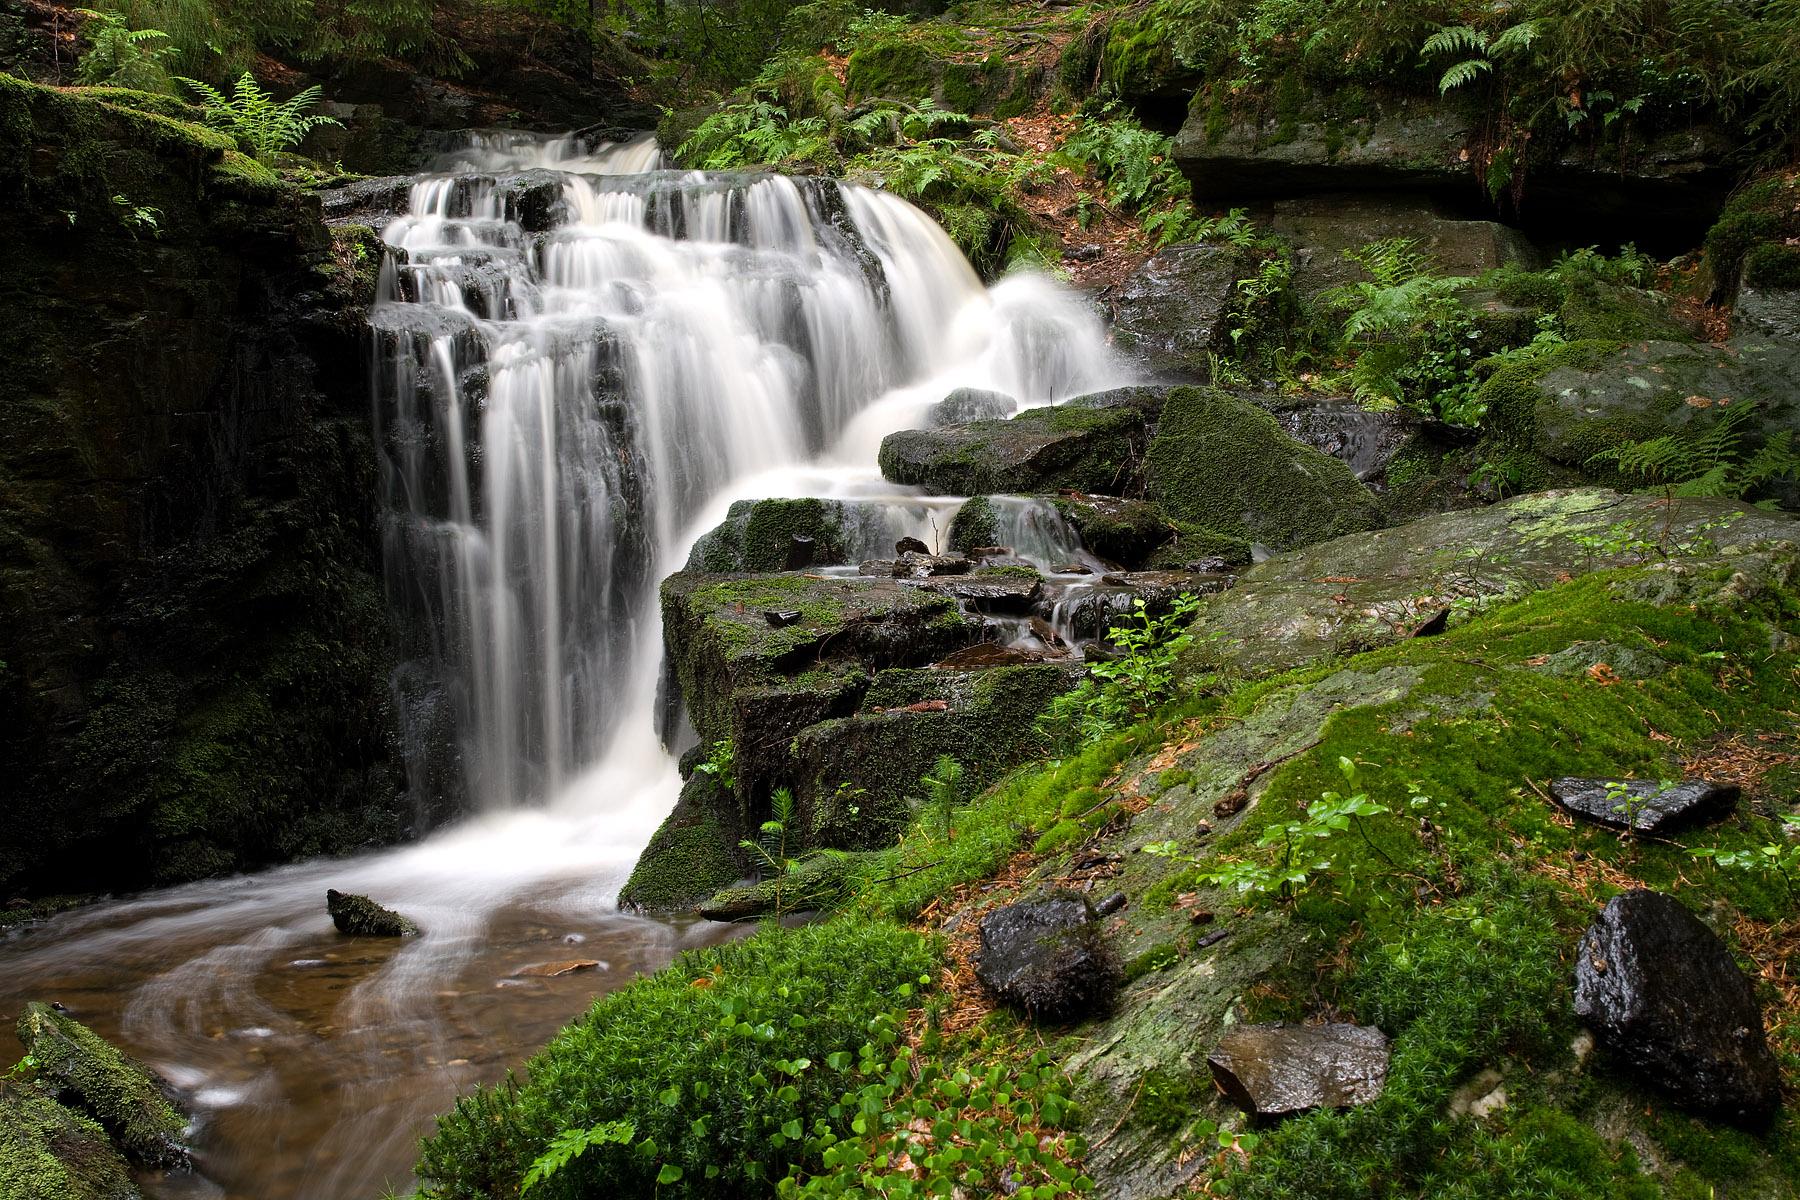 Muglbach Waterfall, Germany